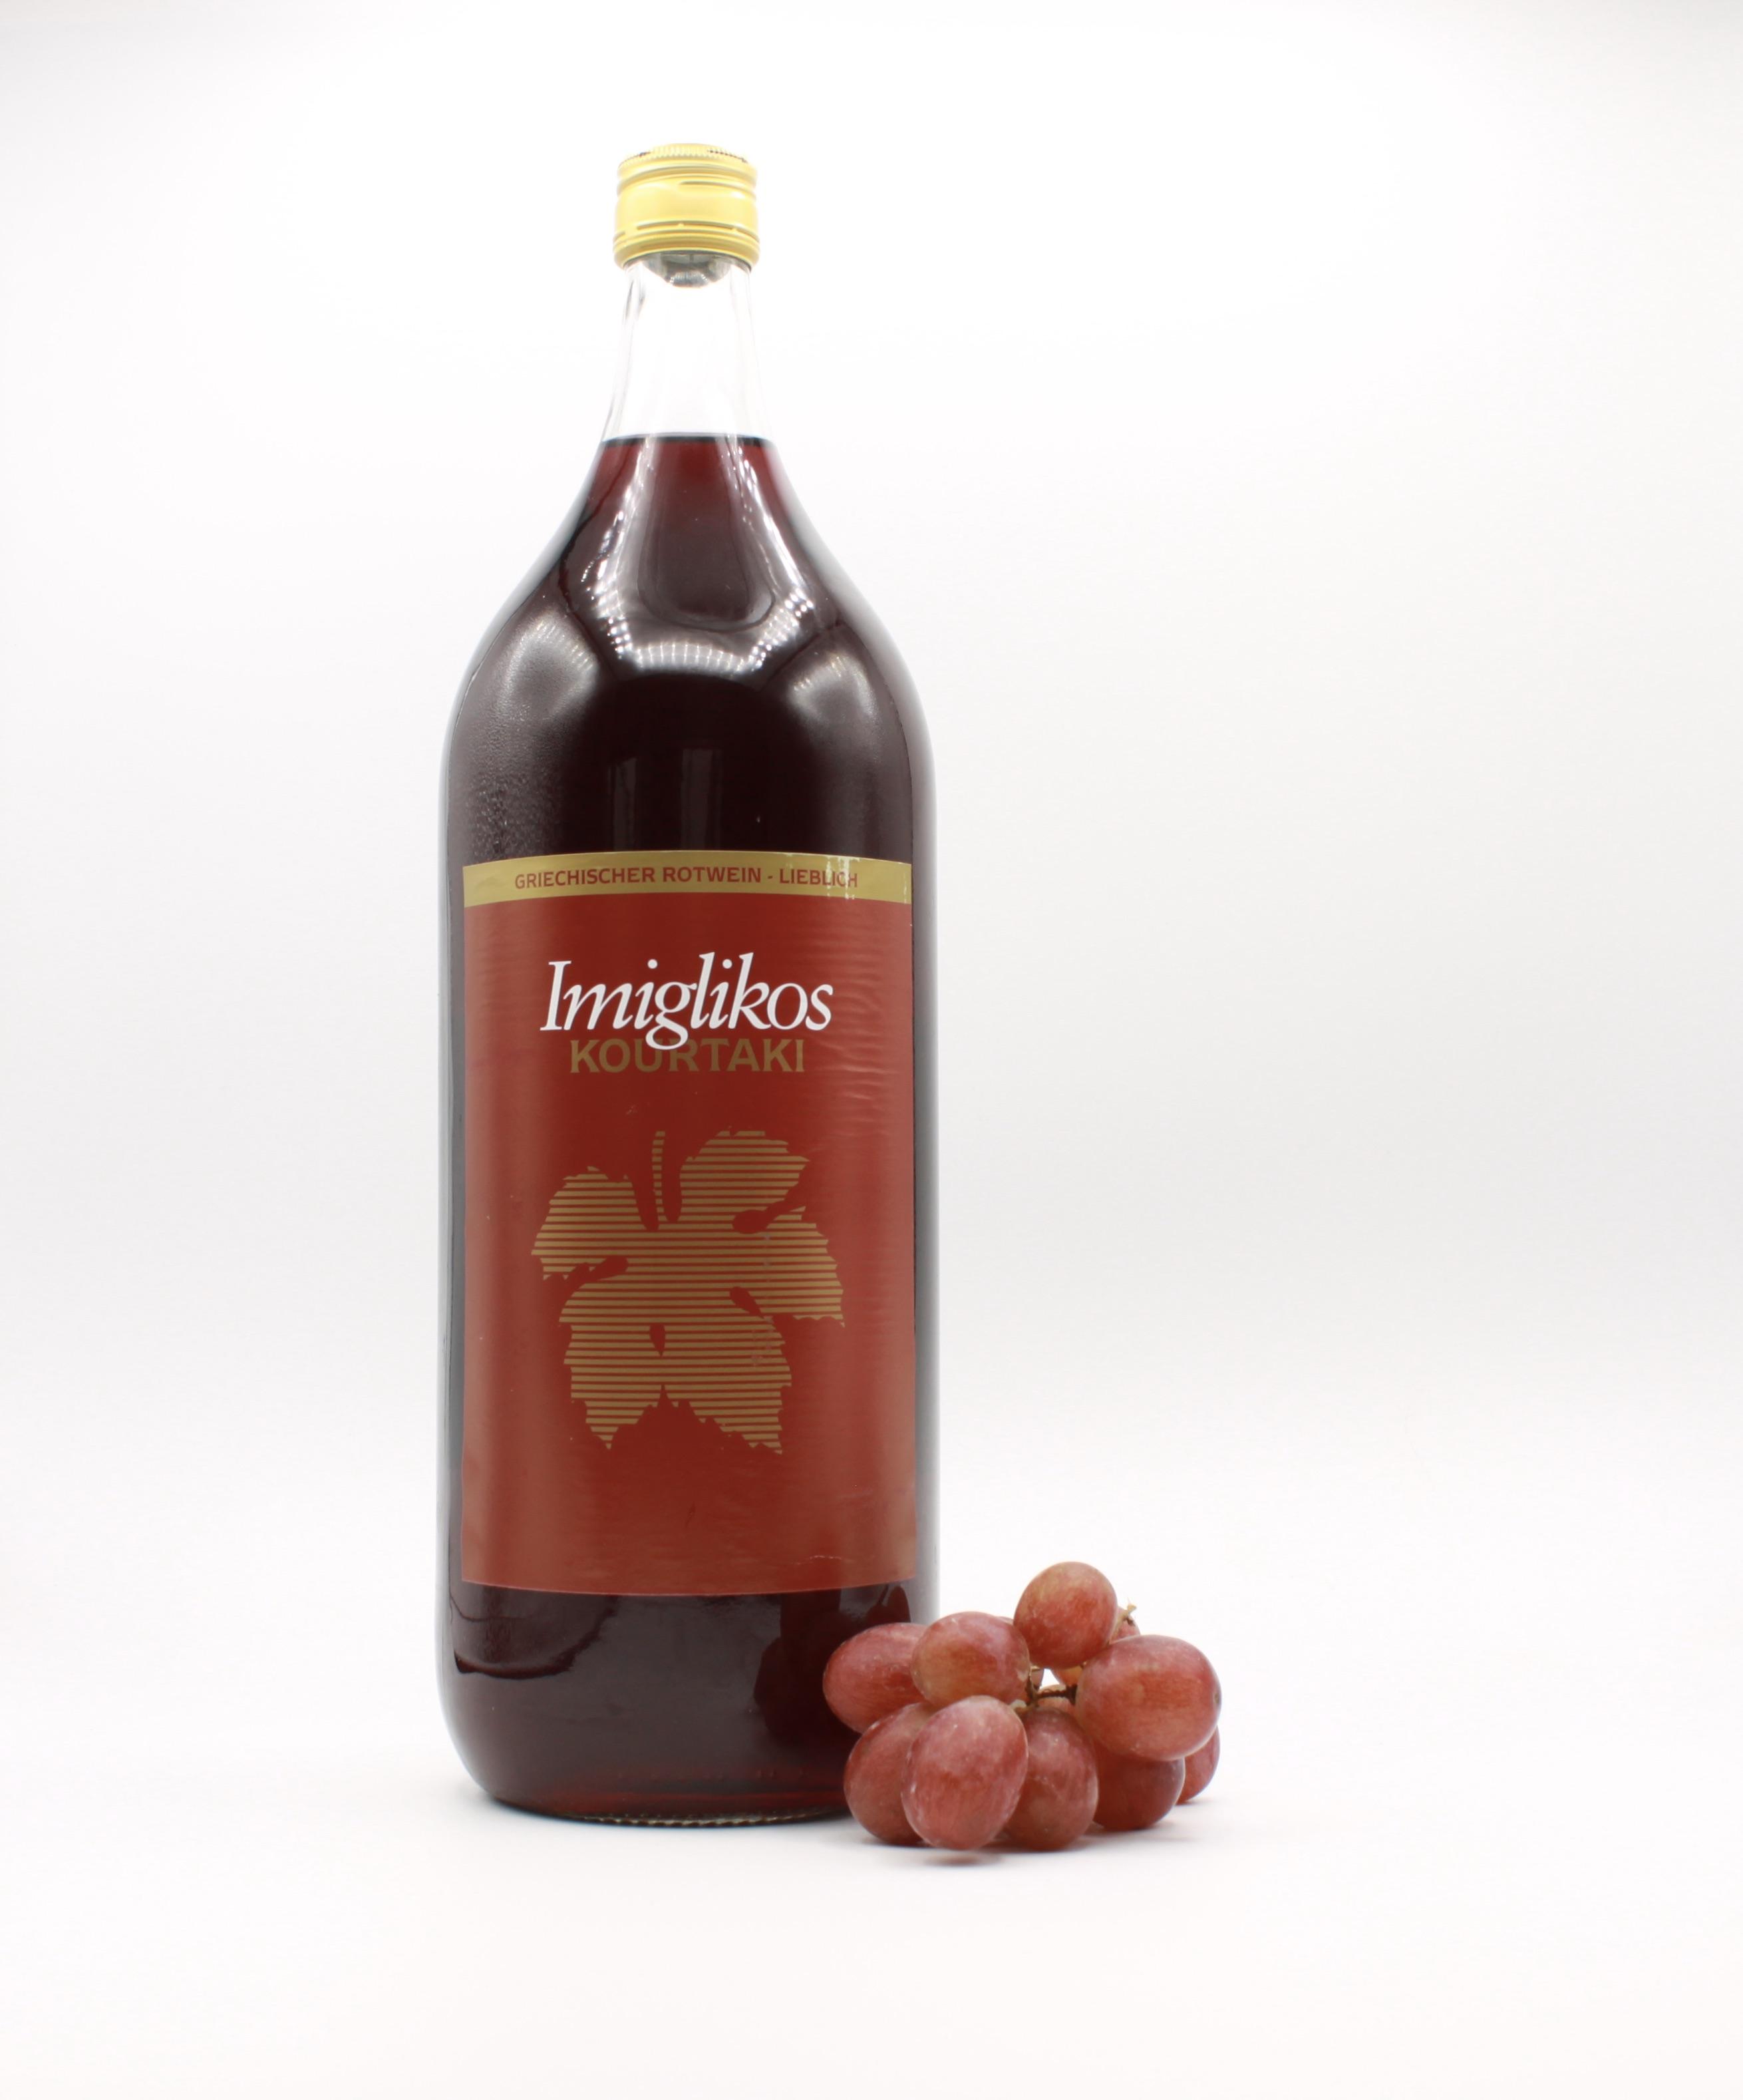 Imiglykos rot - Kourtaki, Griechischer Rotwein 2l